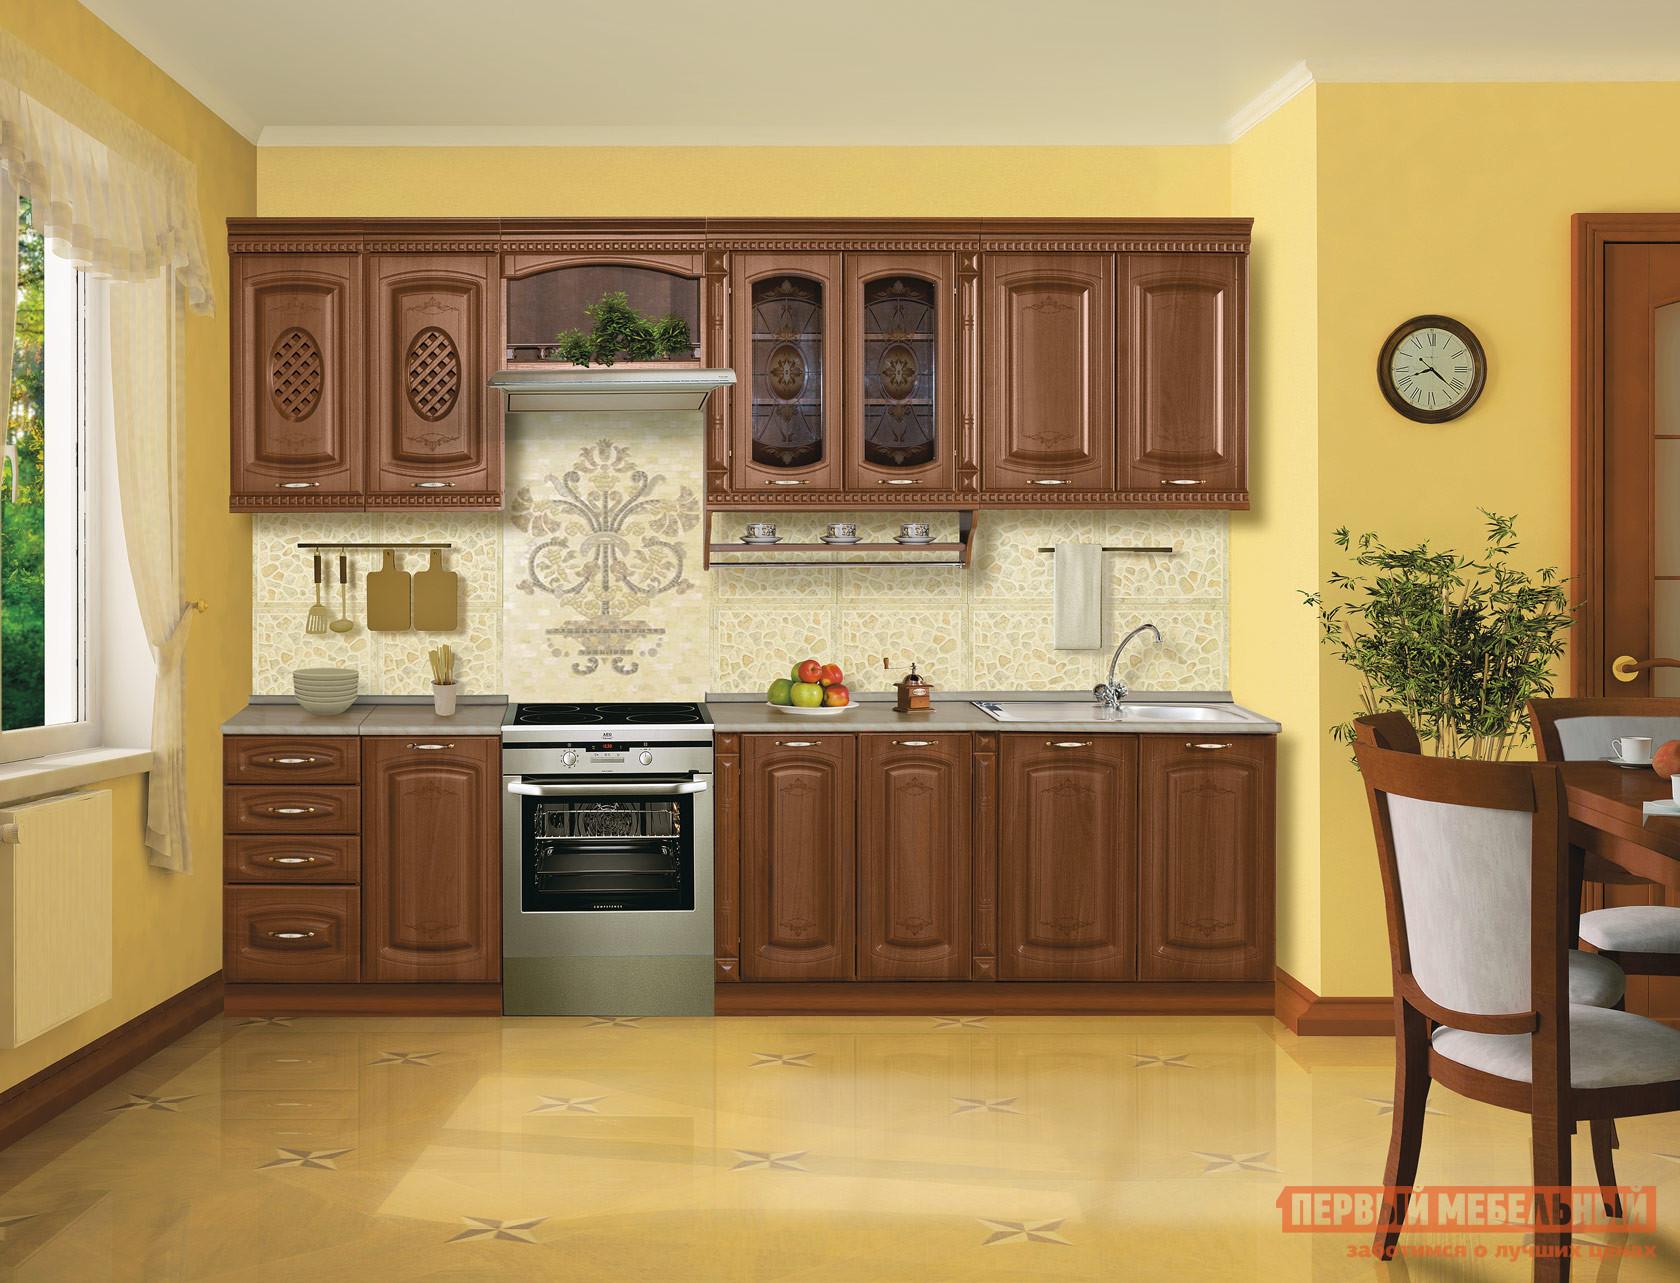 Комплект мебели для кухни Витра Глория 300 комплект мебели для кухни витра палермо 300